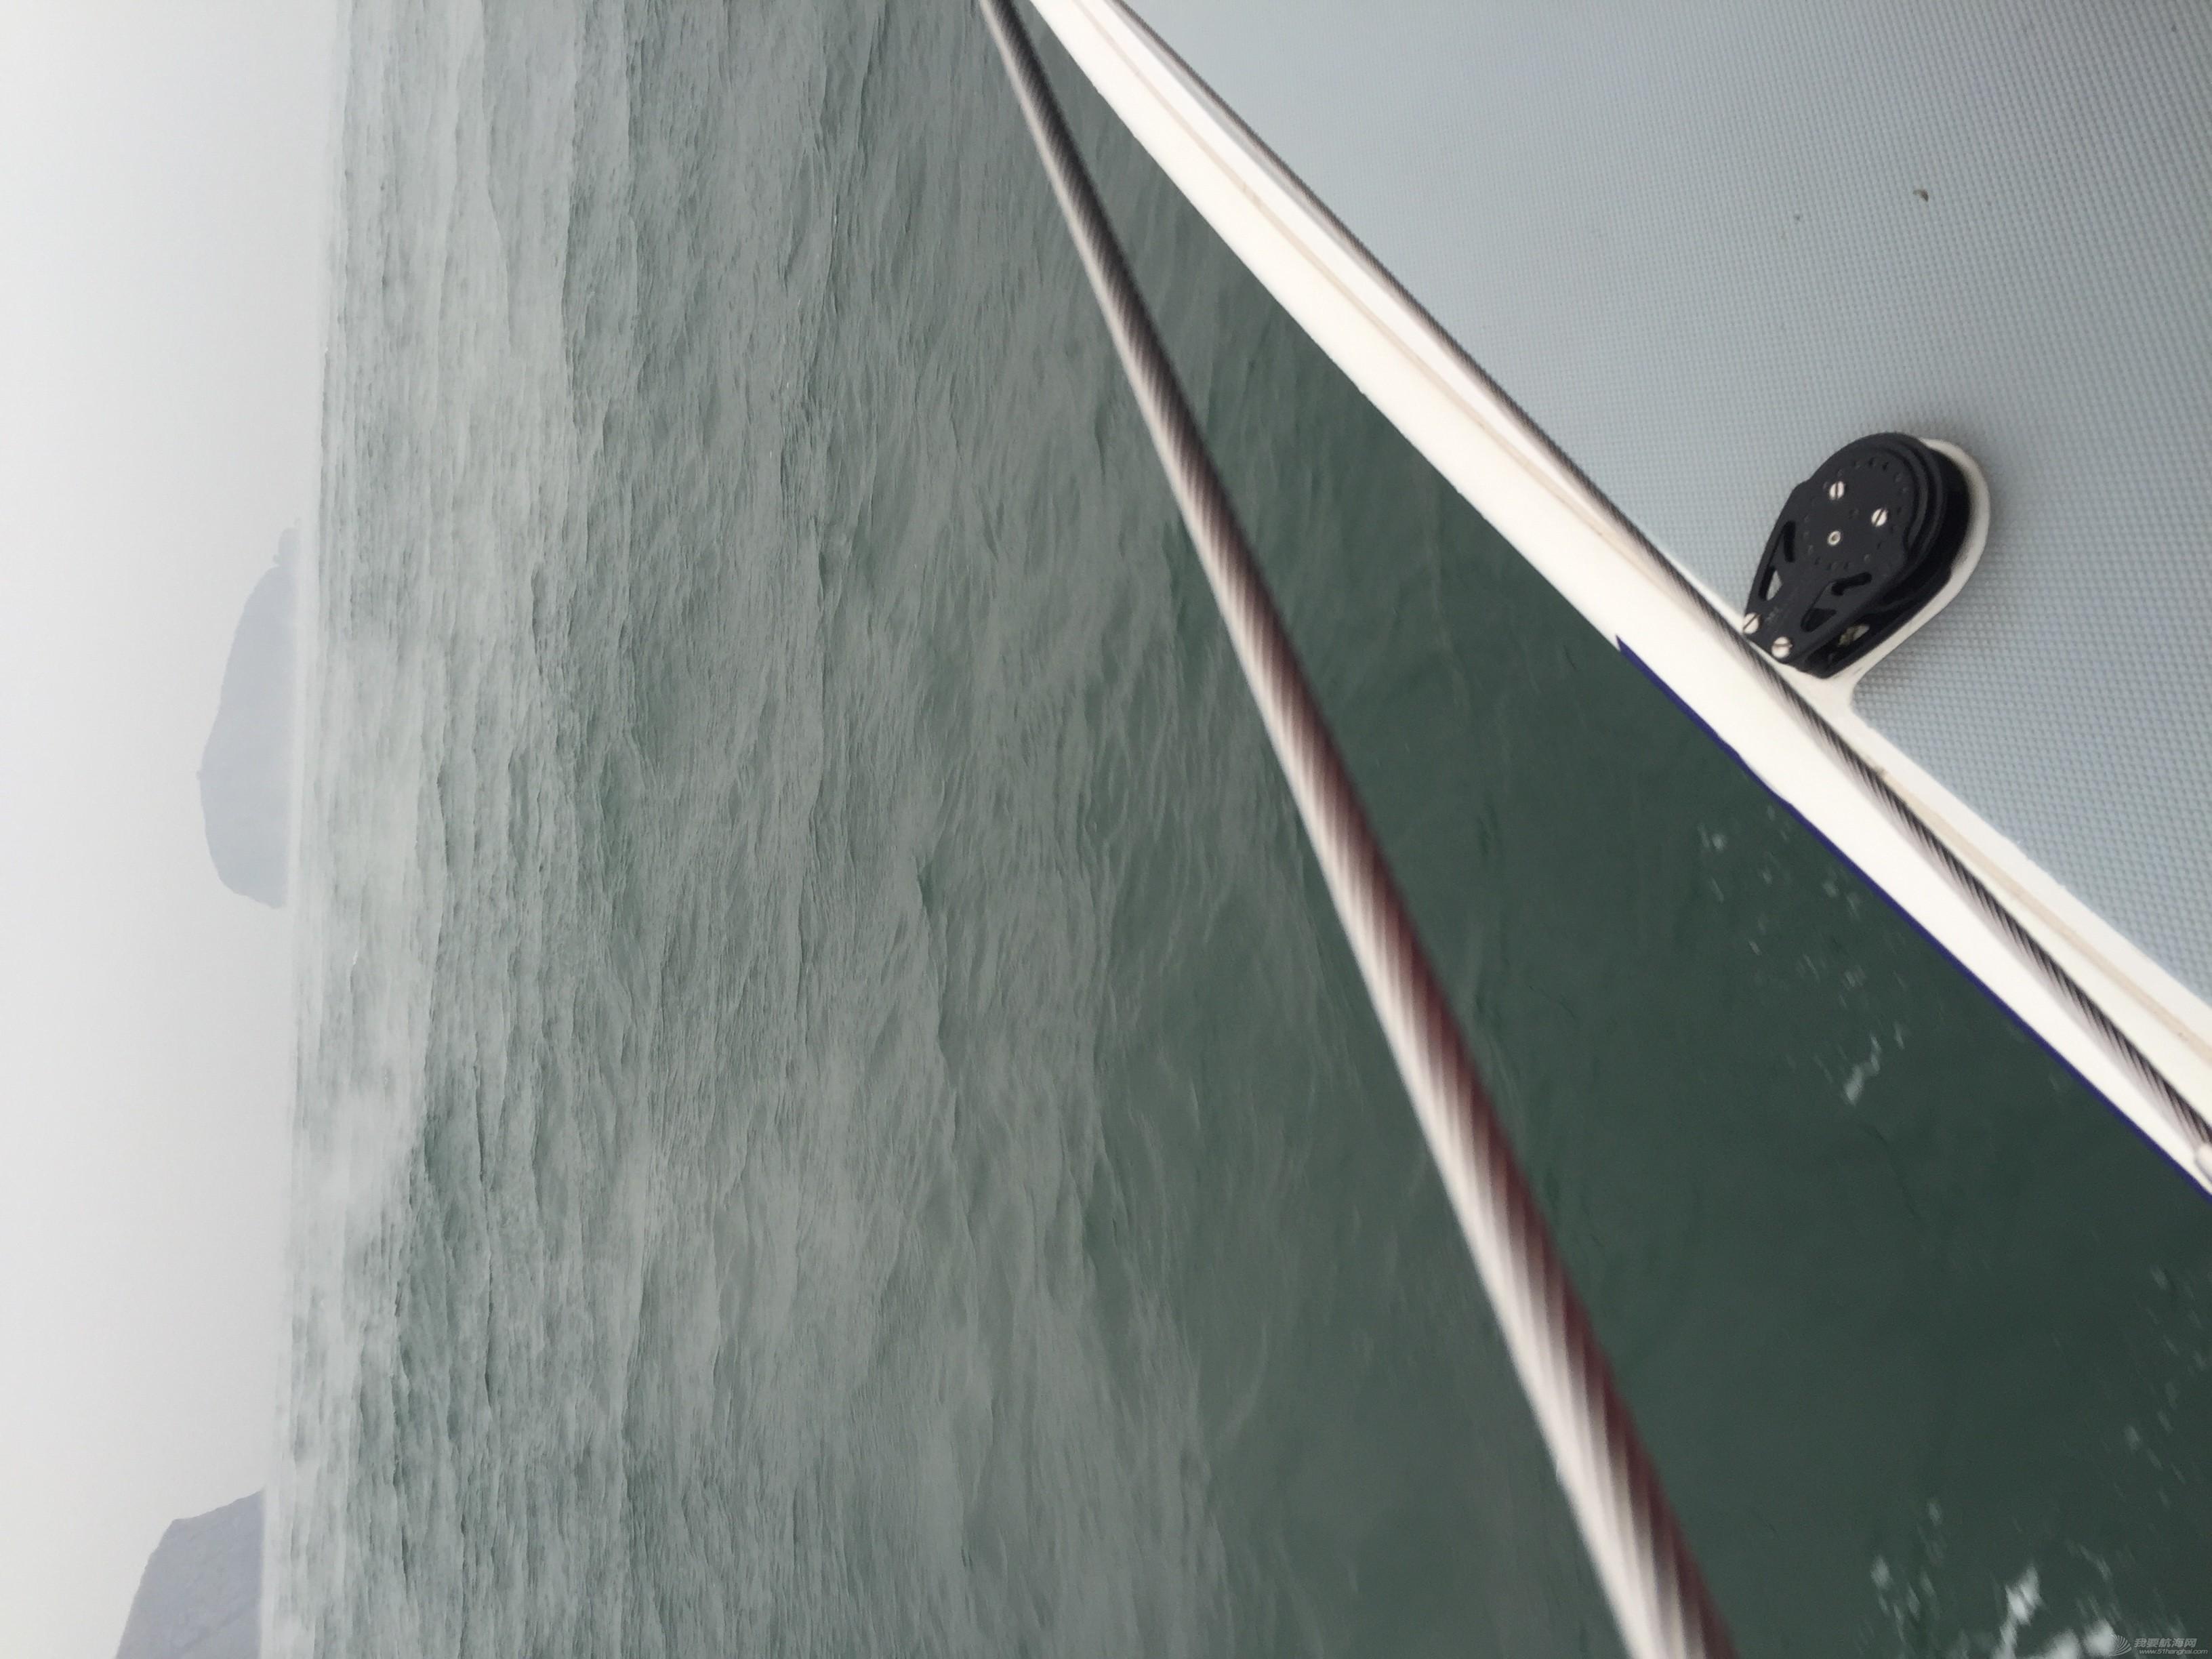 俄罗斯,铝合金,大连,帆船,记录 俄罗斯铝合金AL550帆船改造记录、船在大连欢迎参观指导!